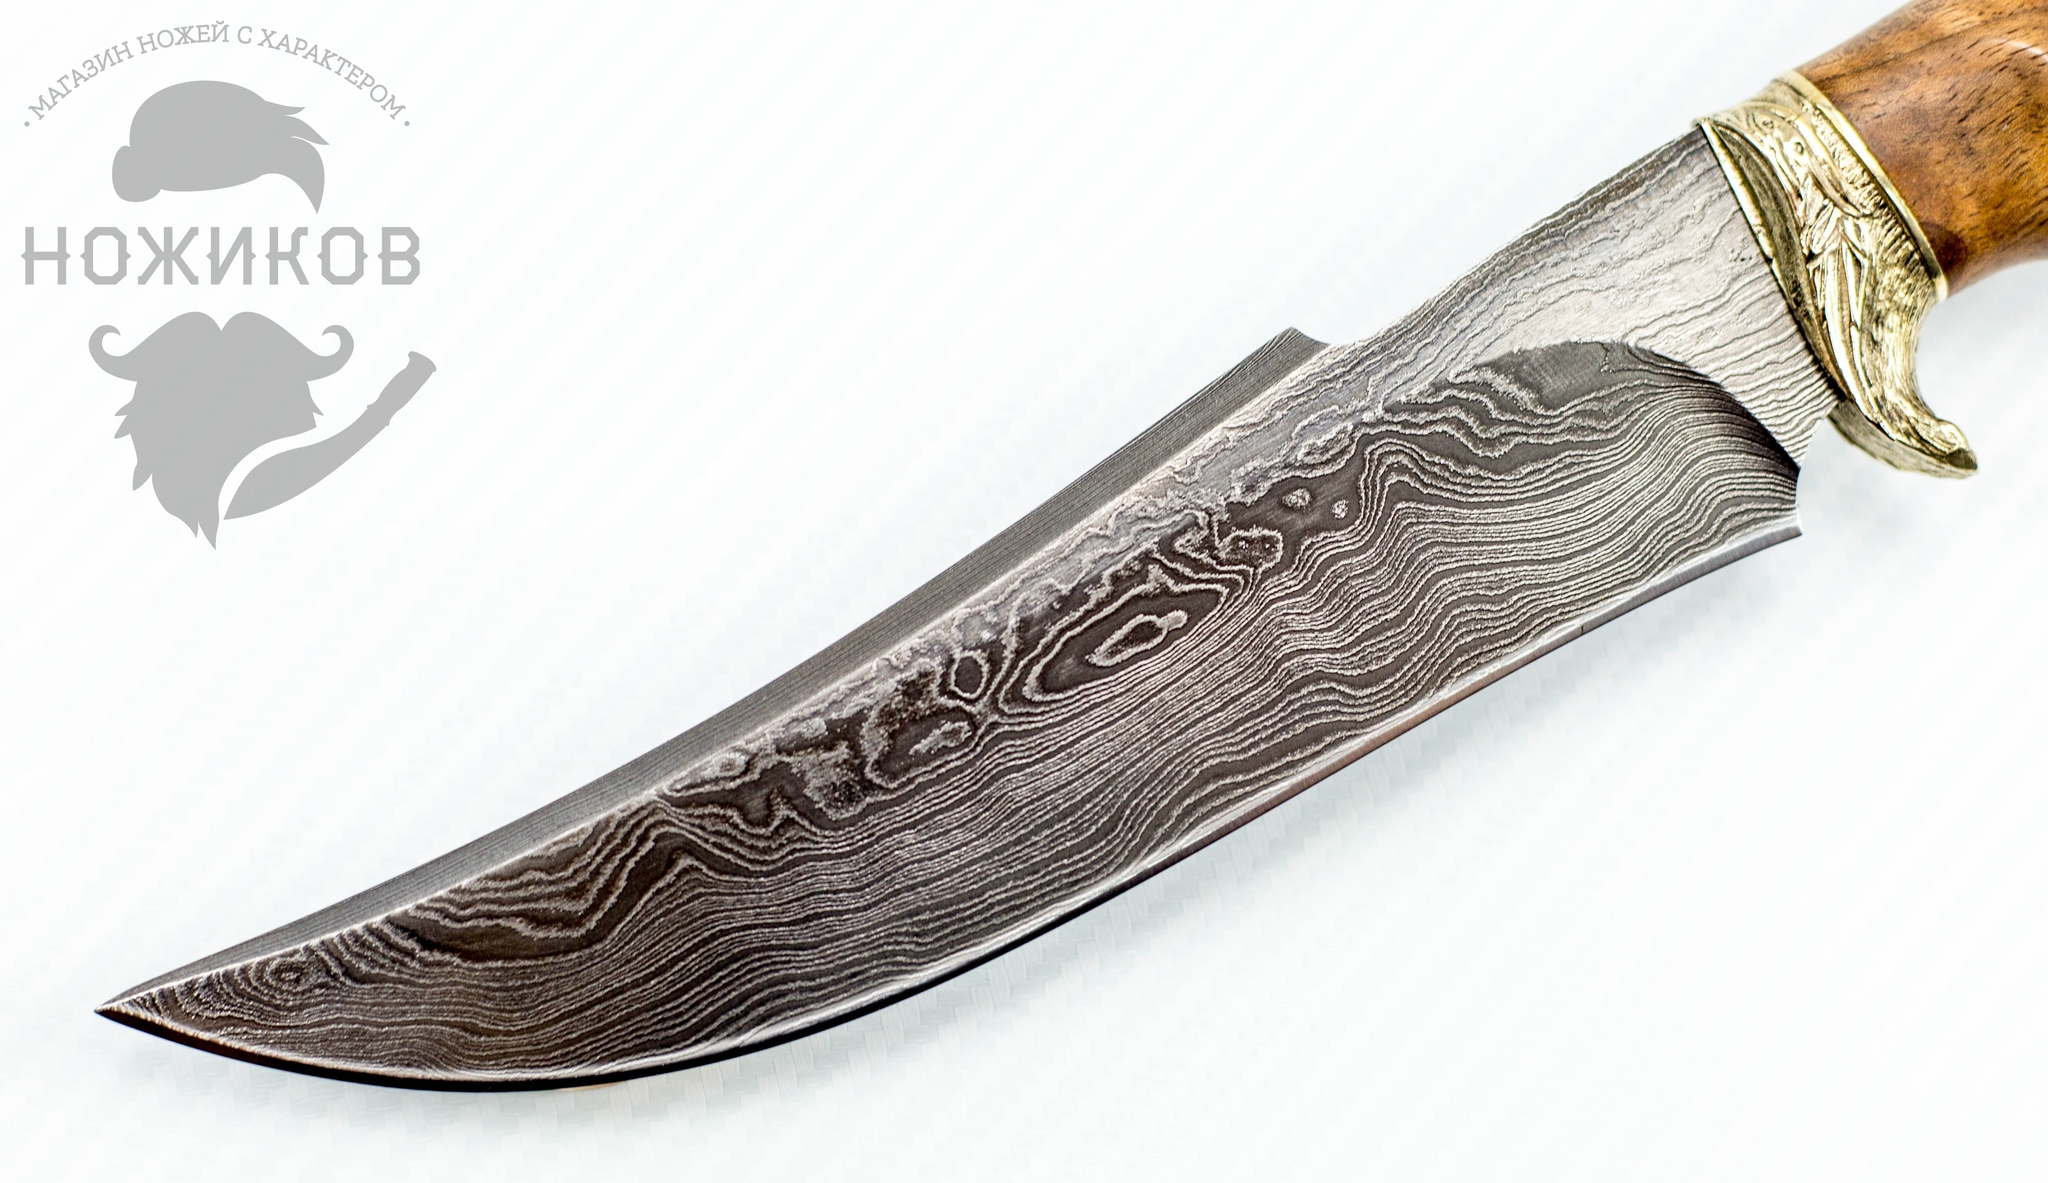 Фото 8 - Авторский Нож из Дамаска №57, Кизляр от Noname